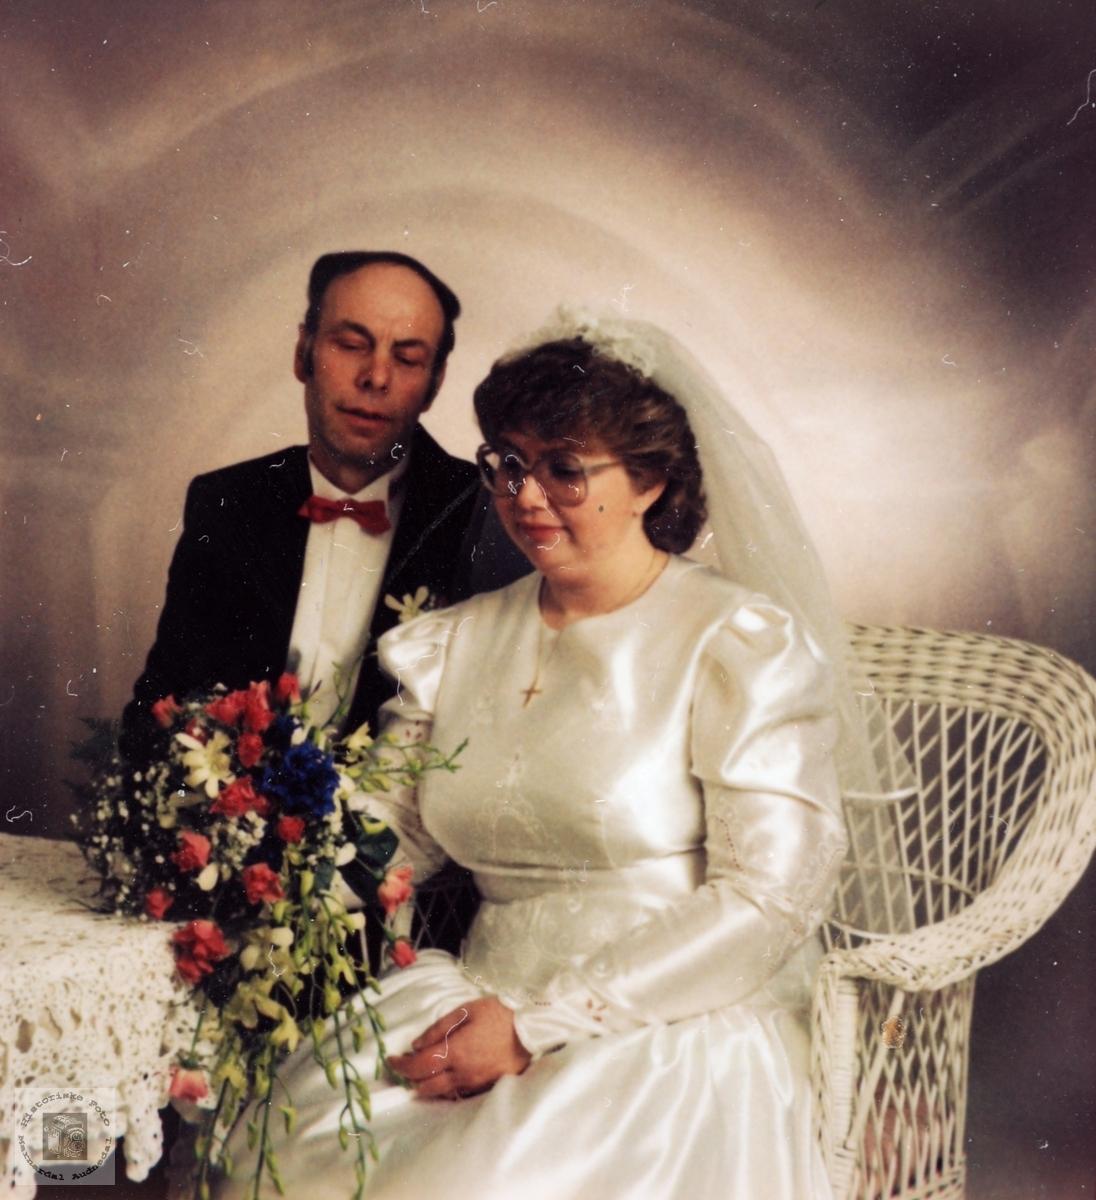 Brudeparet Torgeir Åge og Mette Rydlende. Grindheim Audnedal.